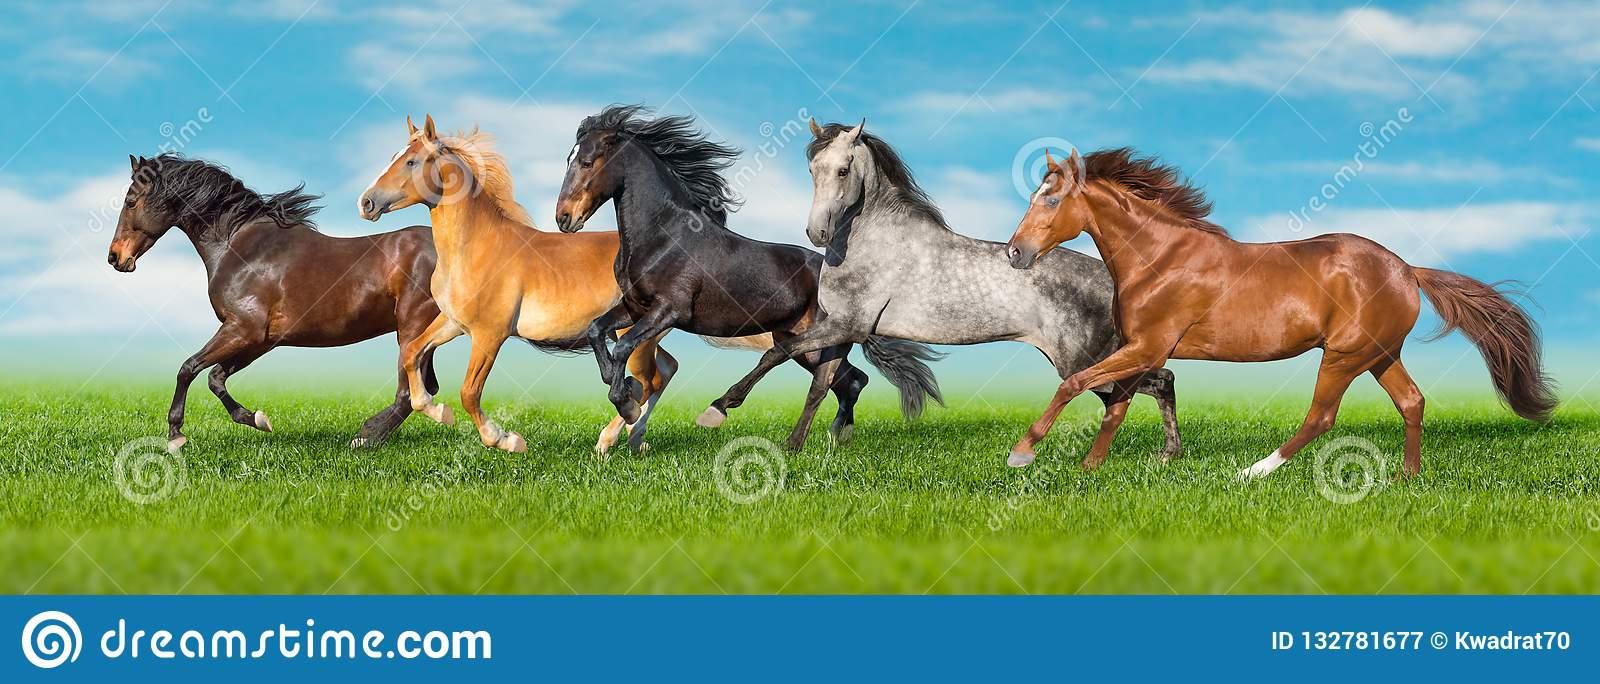 Как правильно ездить галопом на лошади